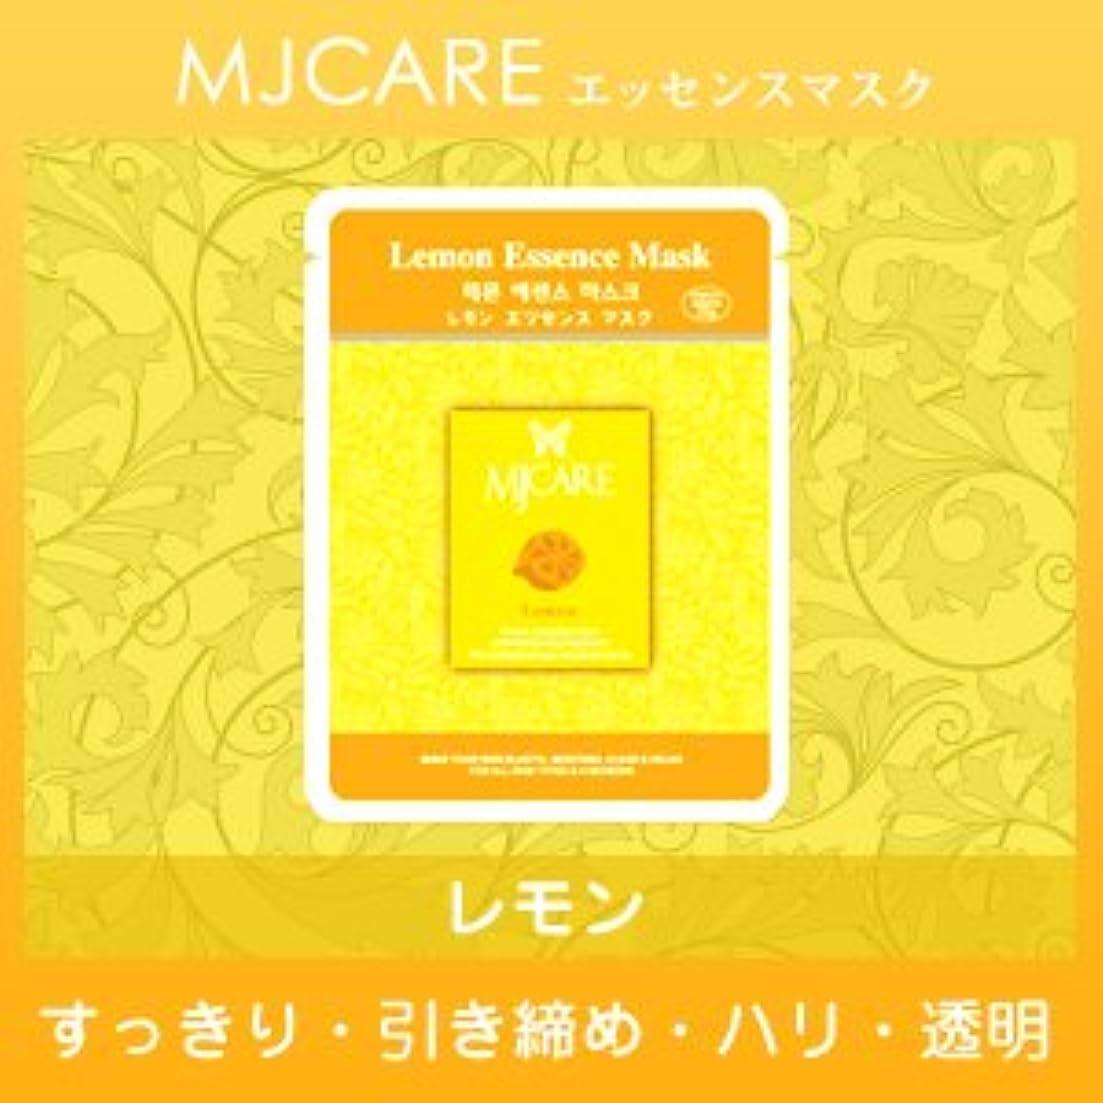 傘ロケット予測子MJCARE (エムジェイケア) レモン エッセンスマスク